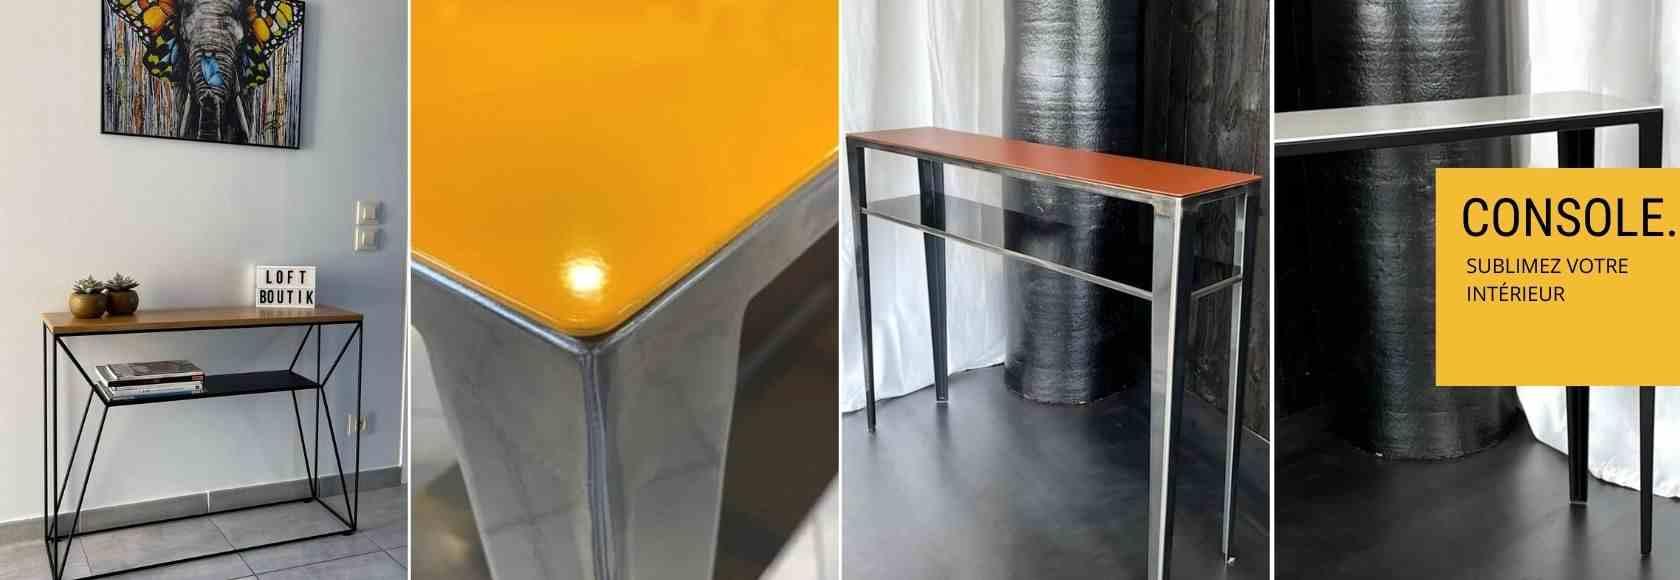 basse Meuble console métal Table design Mobilier shtrdCQ